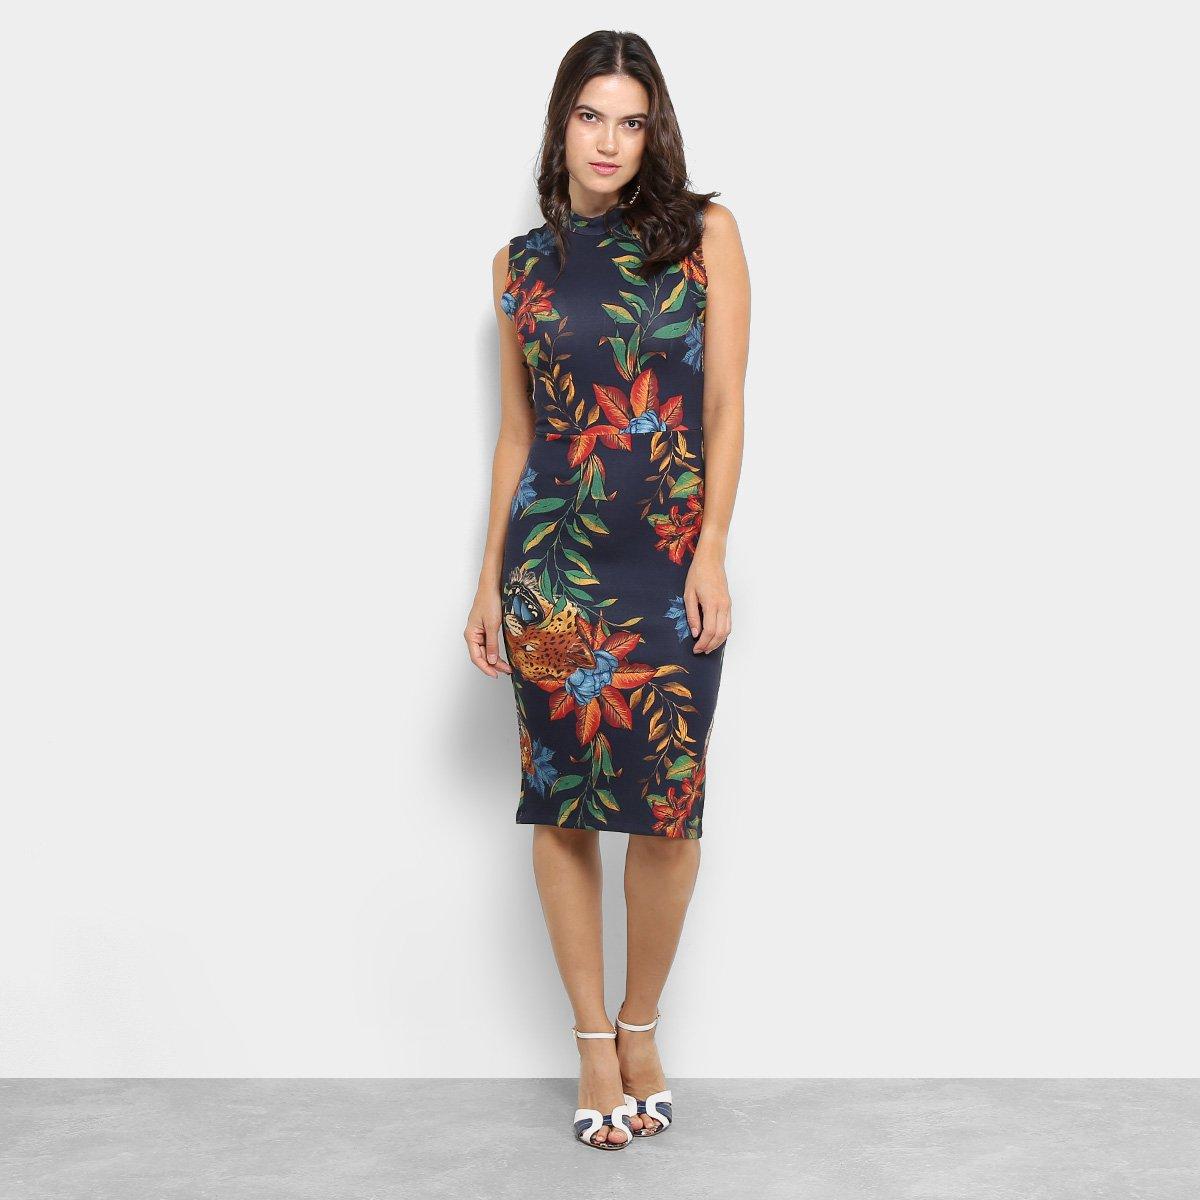 66c55299e Vestido Colcci Midi Estampa Floral Feminino - Azul Escuro - Compre Agora